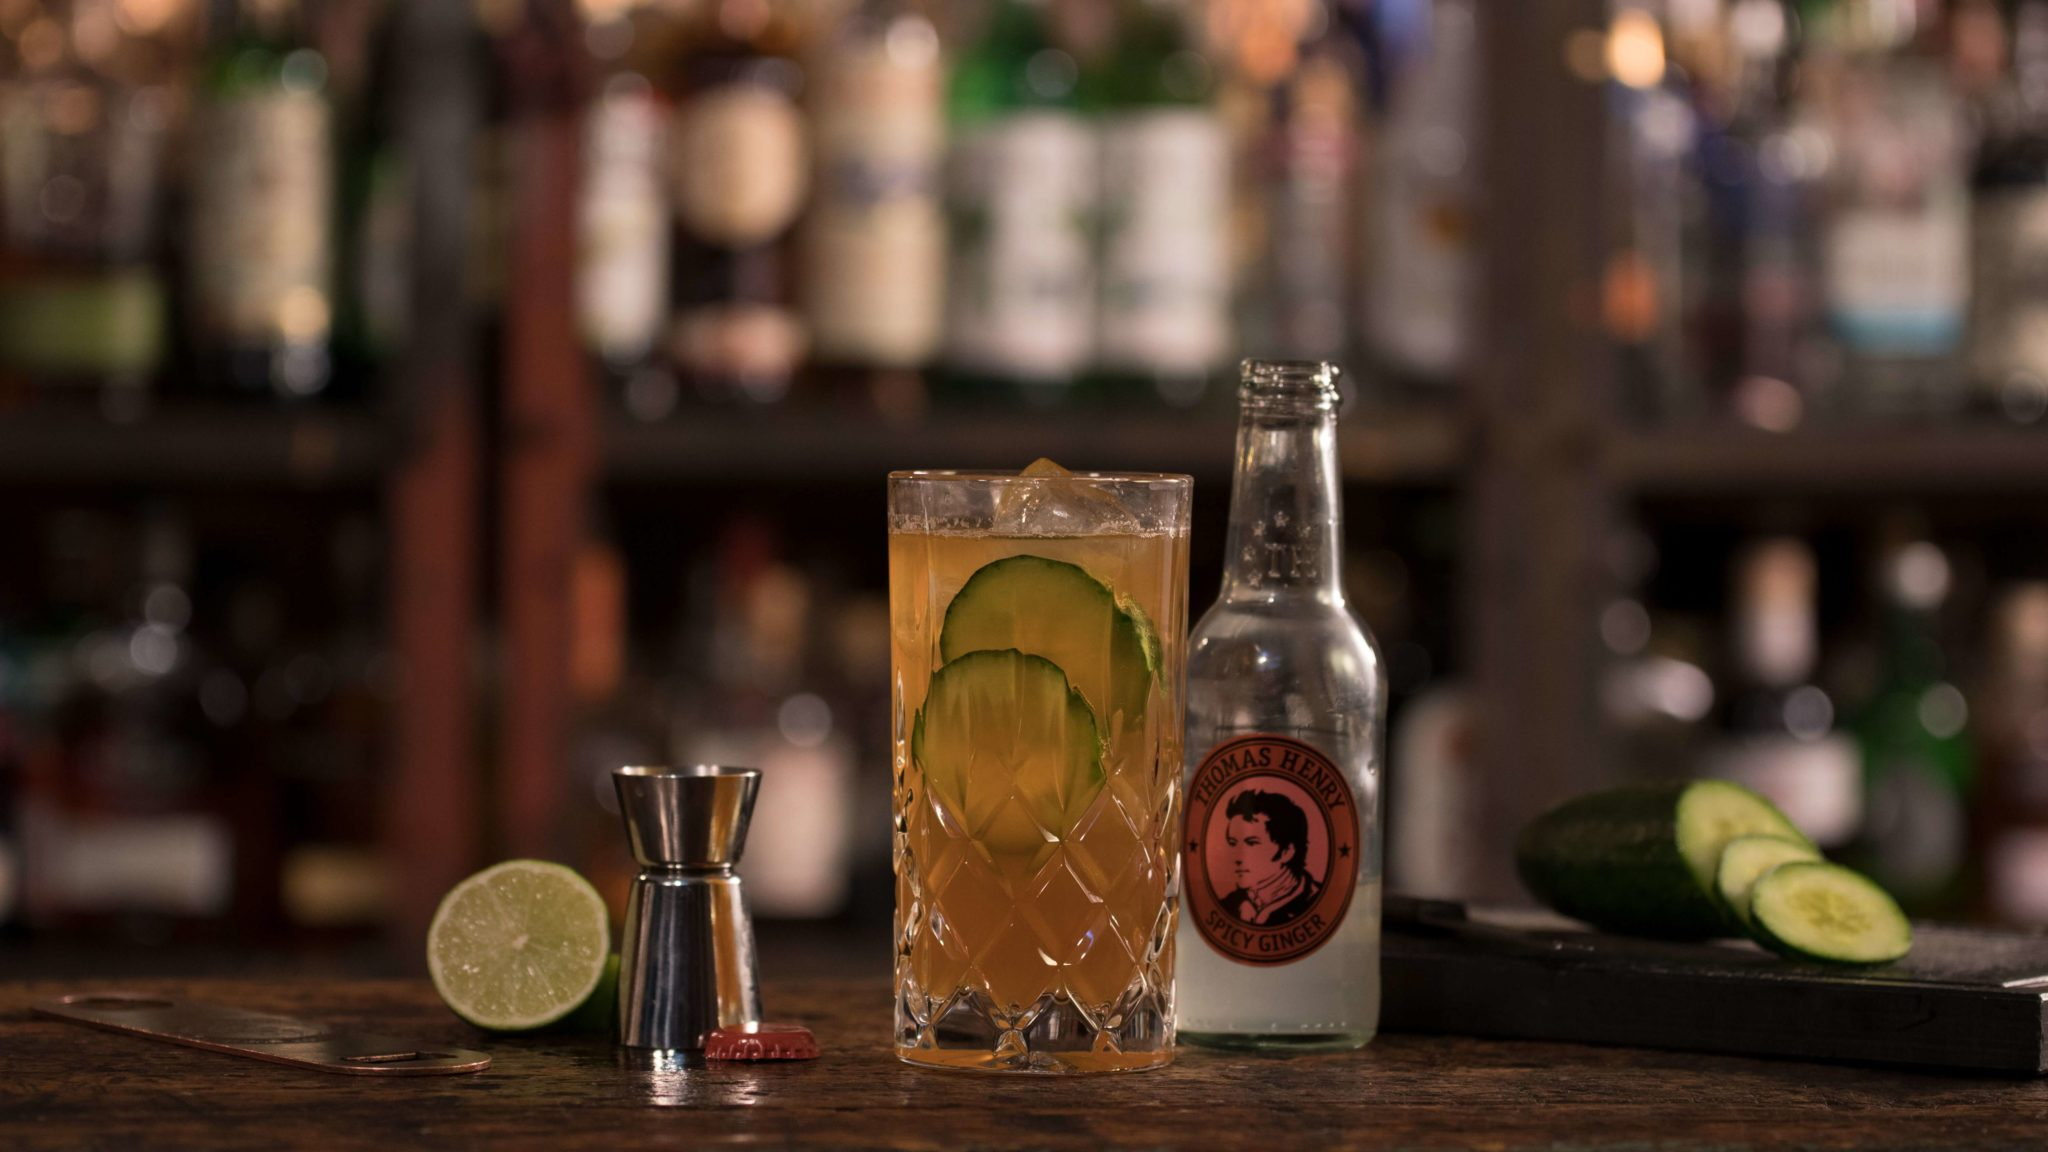 Der Drink Q! Borgmann mit Thomas Henry Spicy Ginger